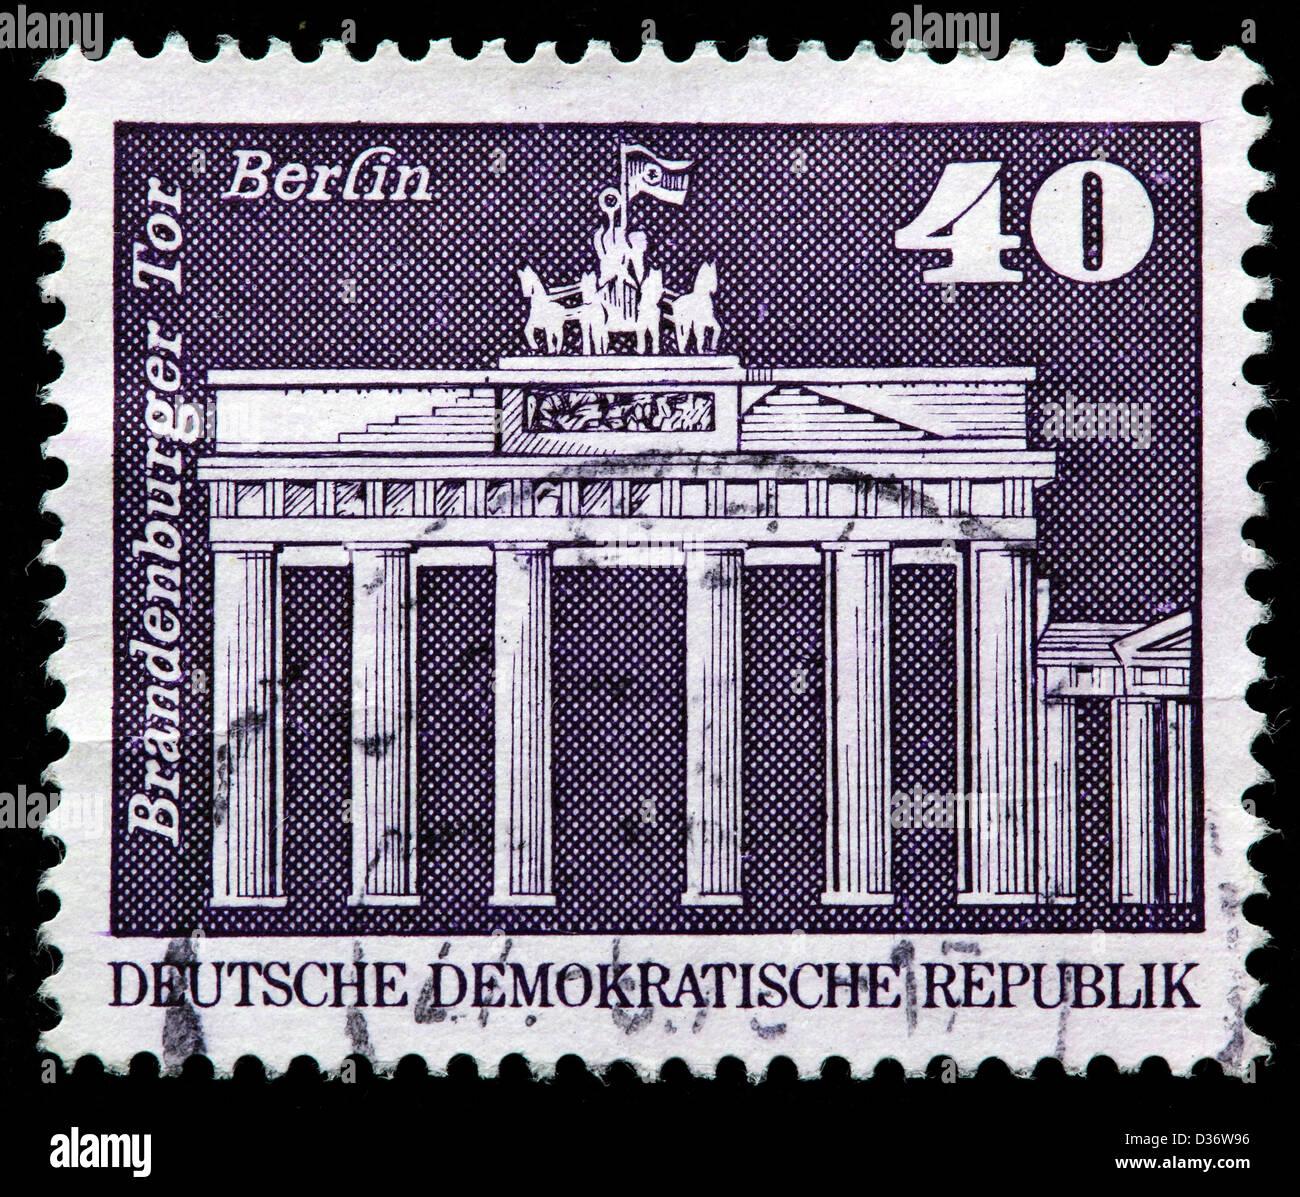 Brandenburger Tor Berlin Briefmarke Deutschland 1973 Stockfoto